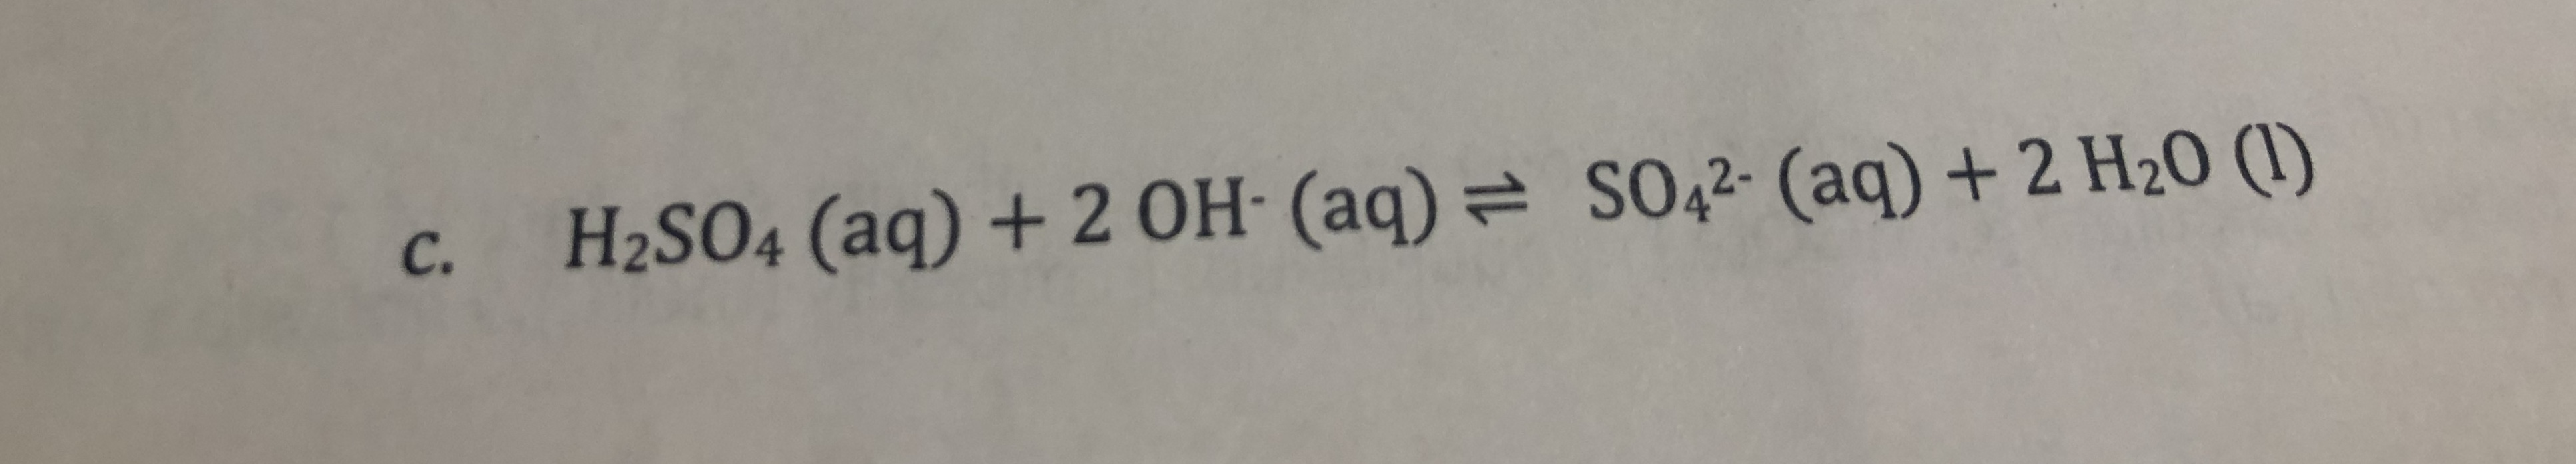 SO42 (aq) + 2 H20 () H2SO4 (aq) + 2OH (aq) C.